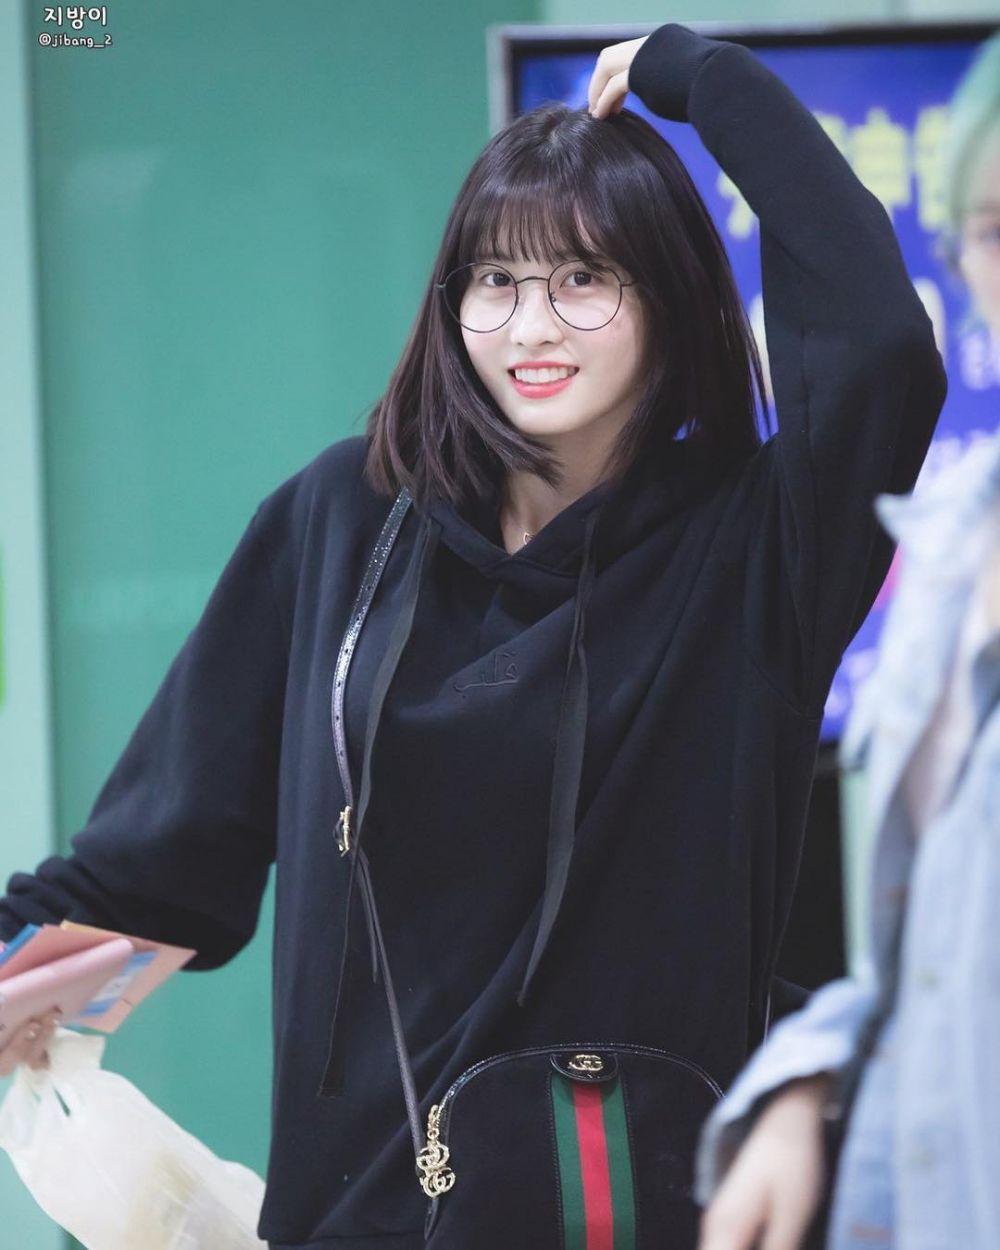 10 Potret Manis Momo TWICE Kenakan Kacamata, Bikin Jatuh Cinta!